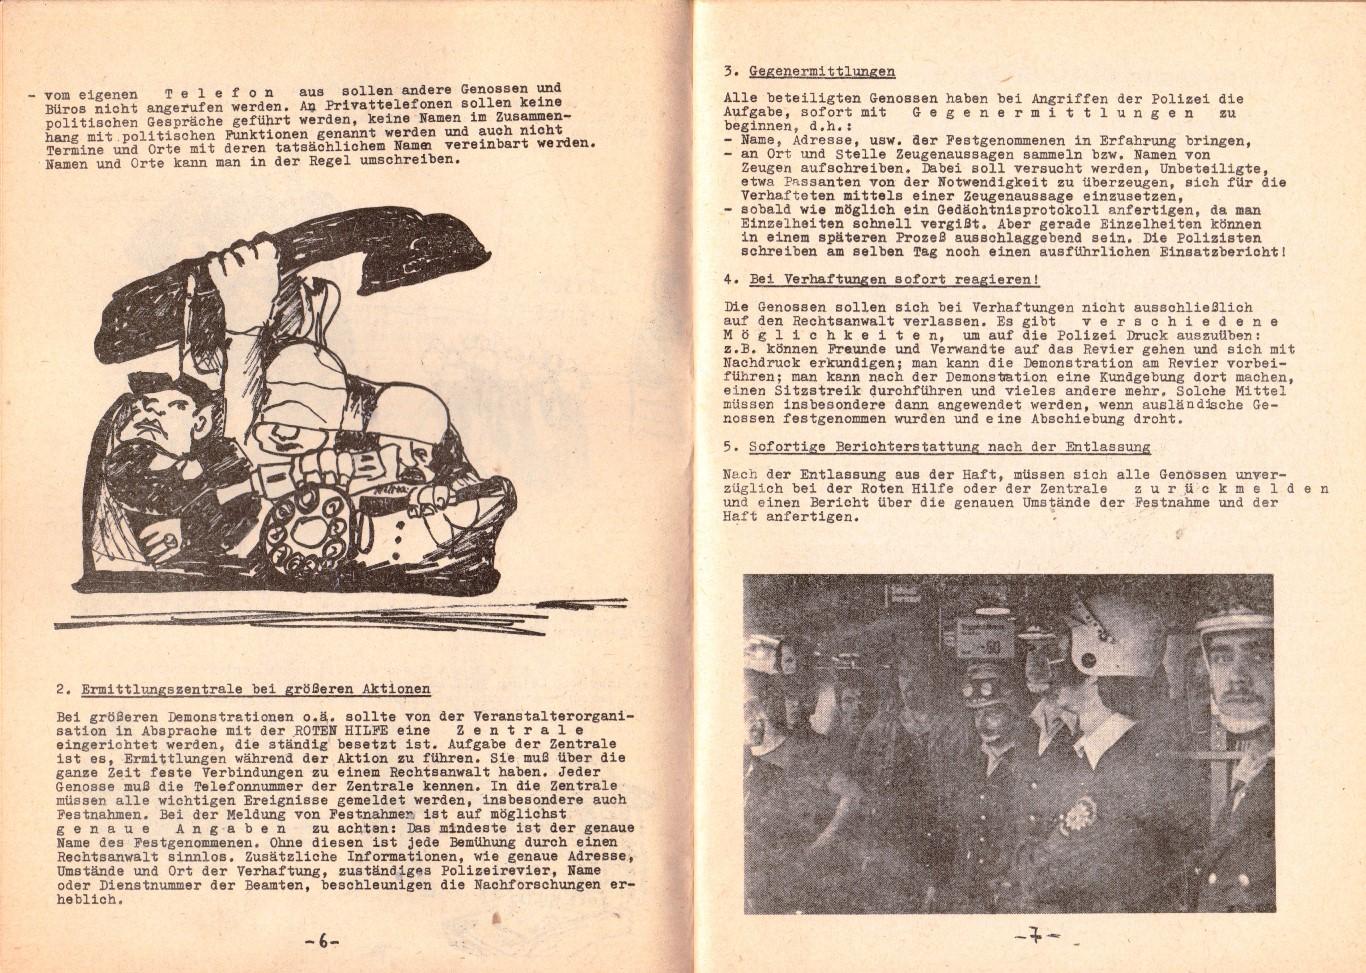 RHeV_1975_Wie_verteidige_ich_mich_05